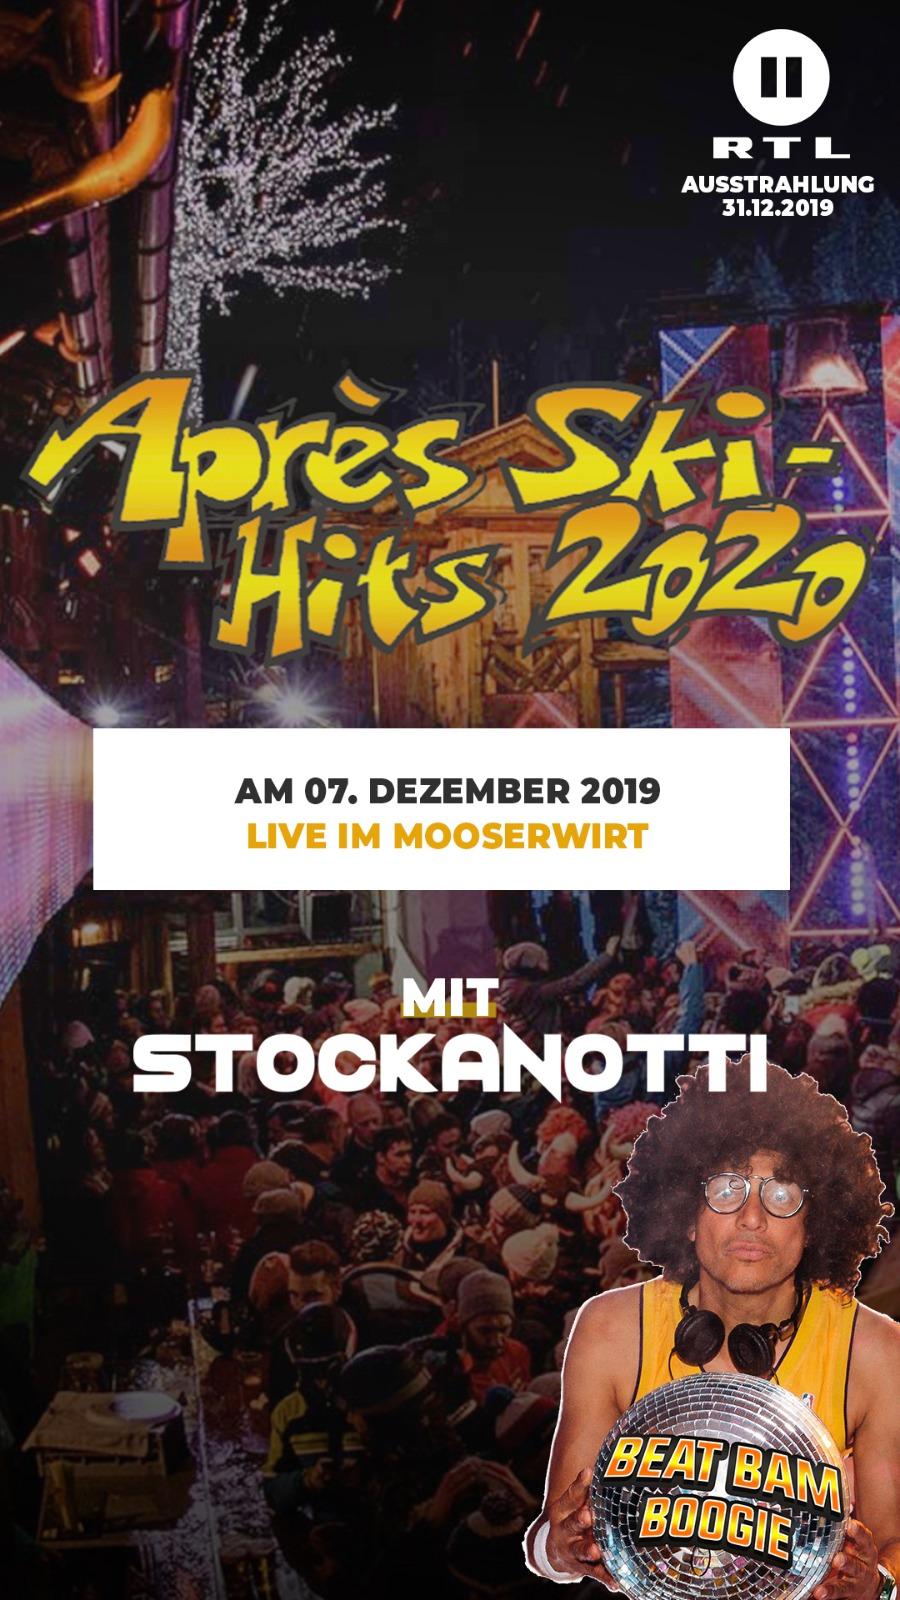 Apres ski hits 2020